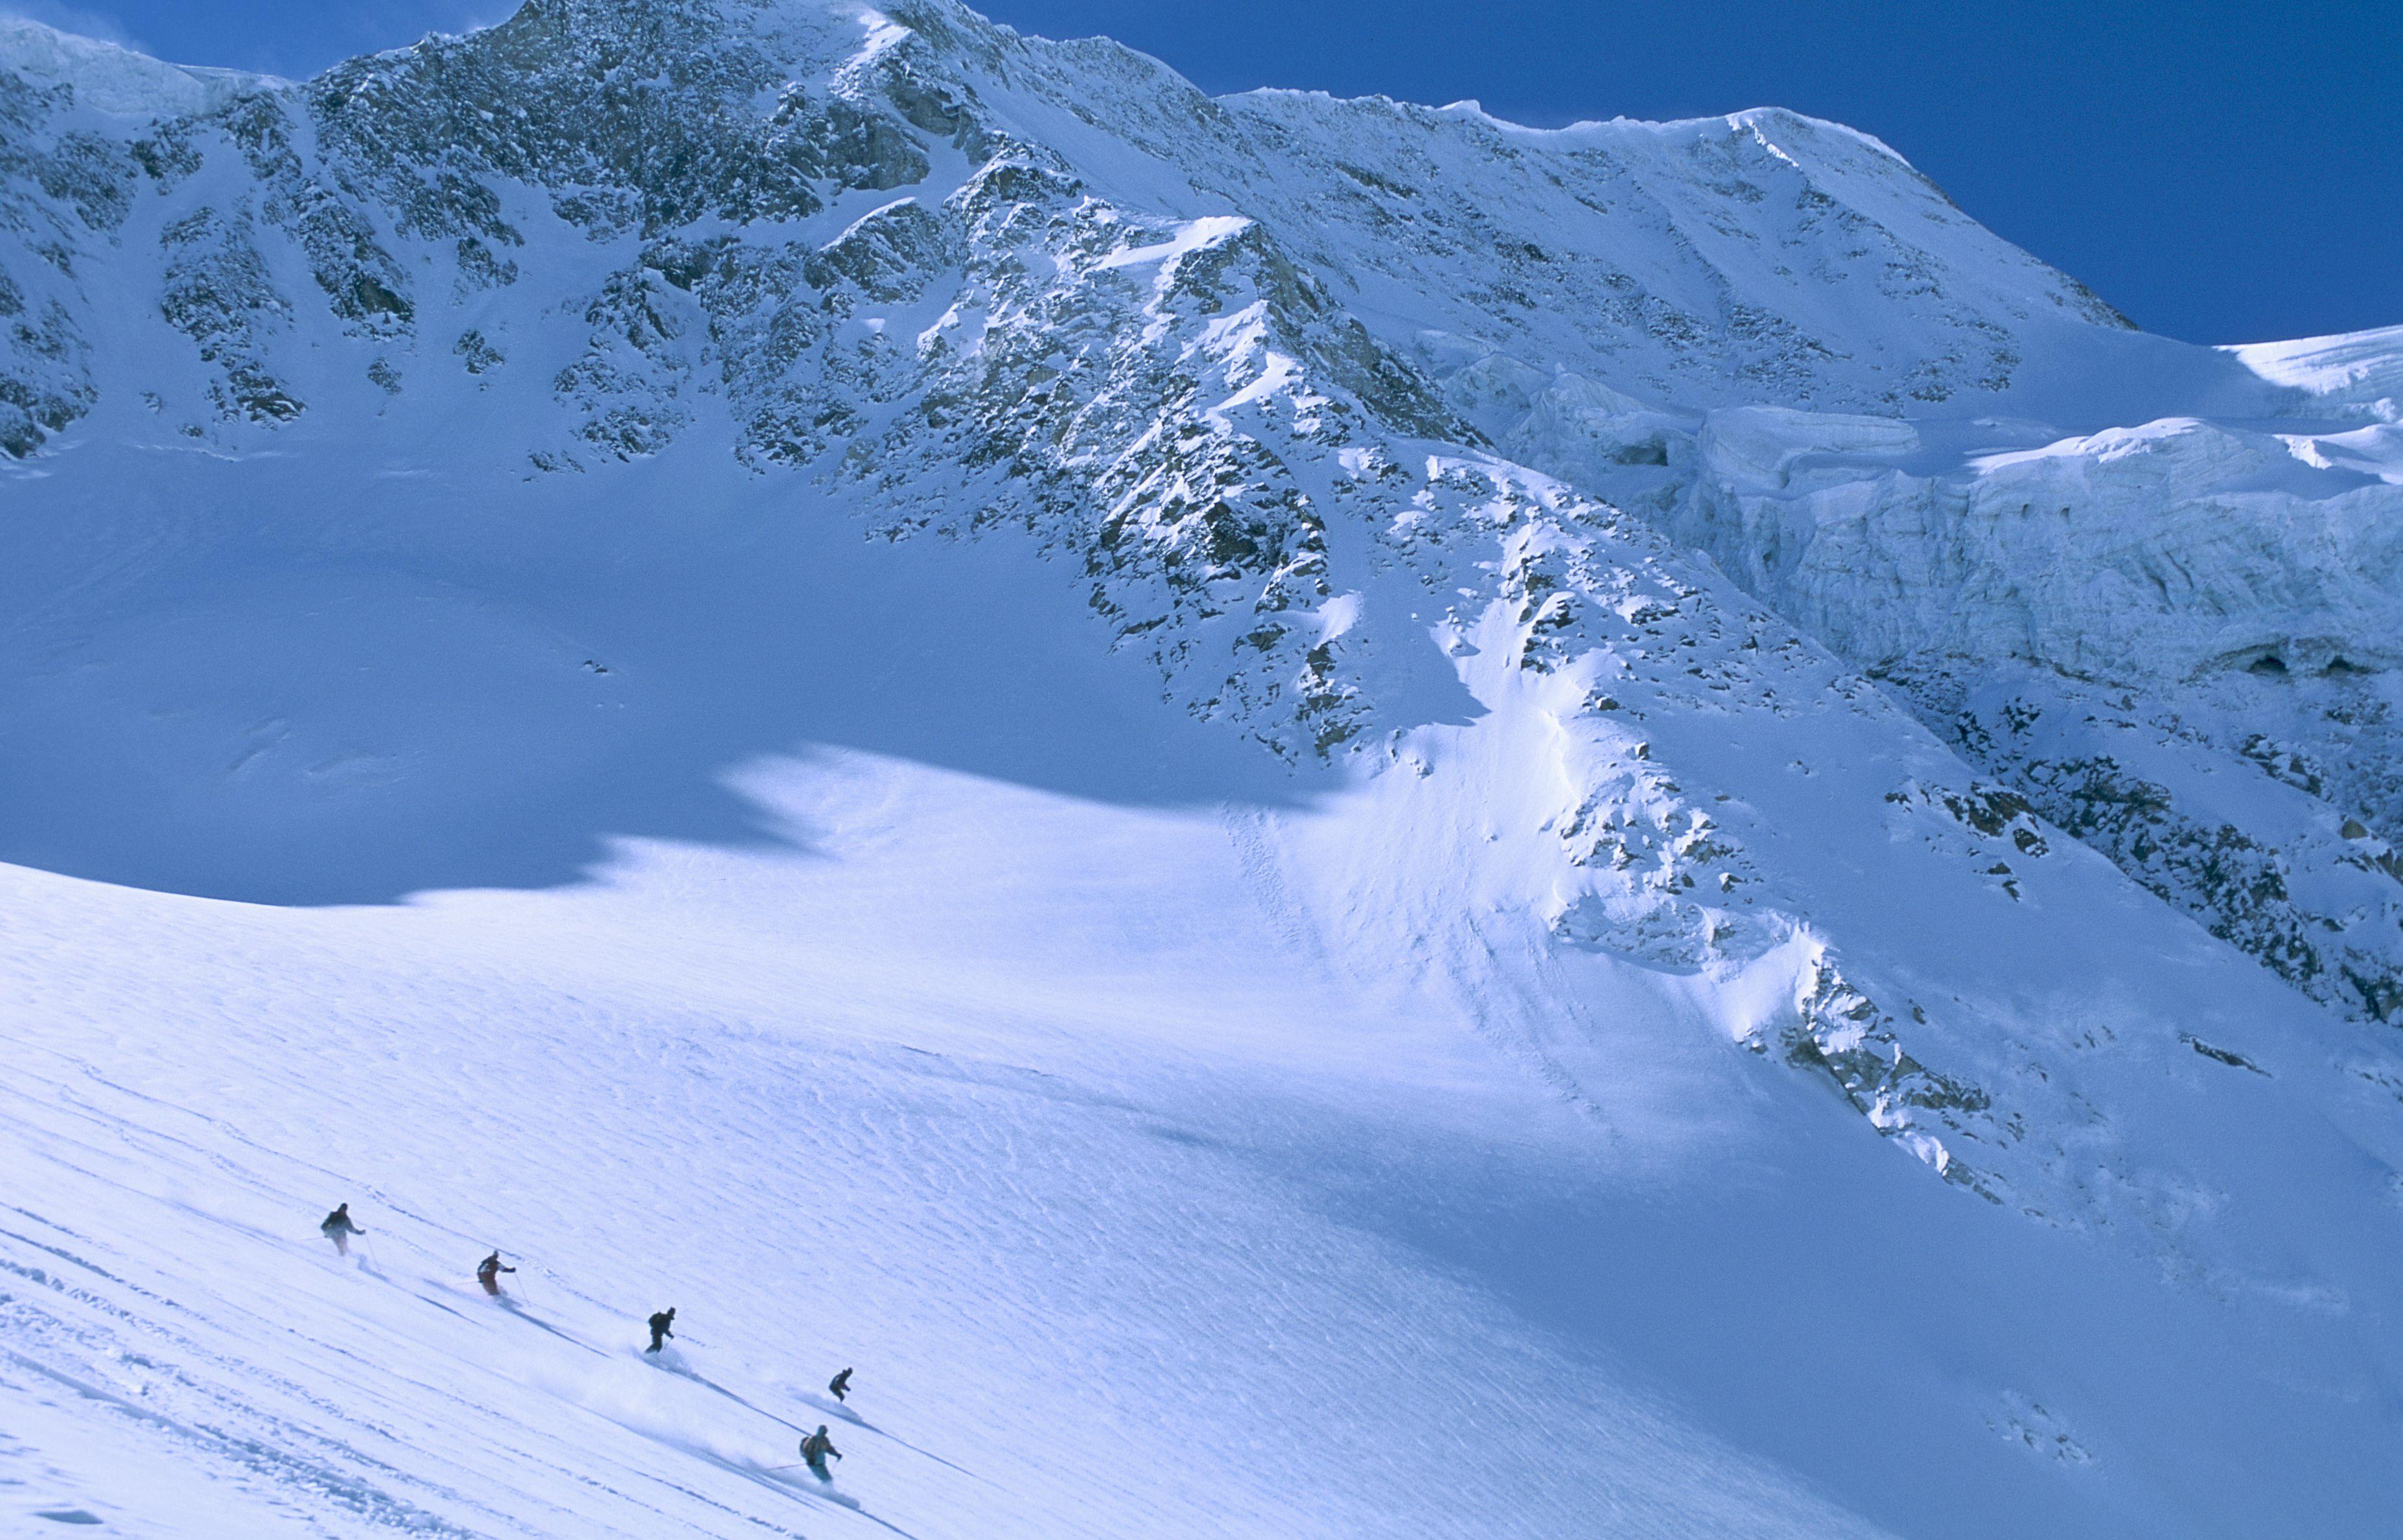 Skiers descend Pigne D'Arolla near Arolla, Switzerland.